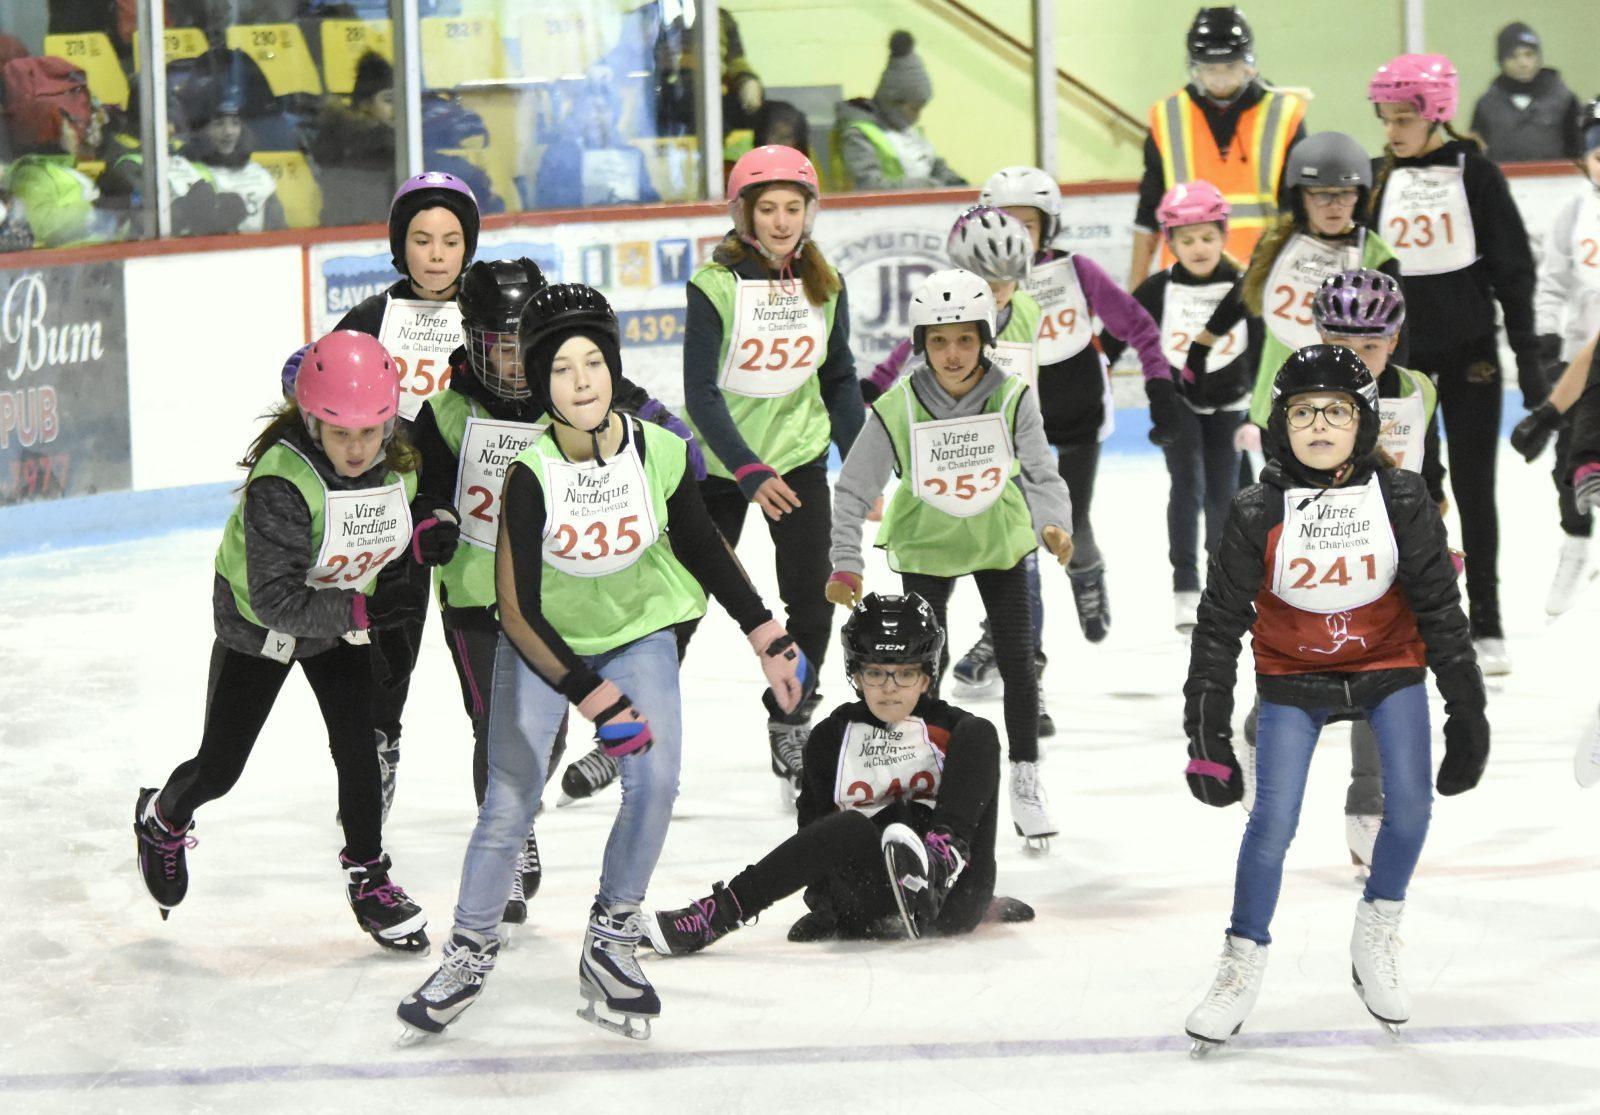 Le Triathlon des jeunes de la Virée nordique finaliste aux prix Triomphe